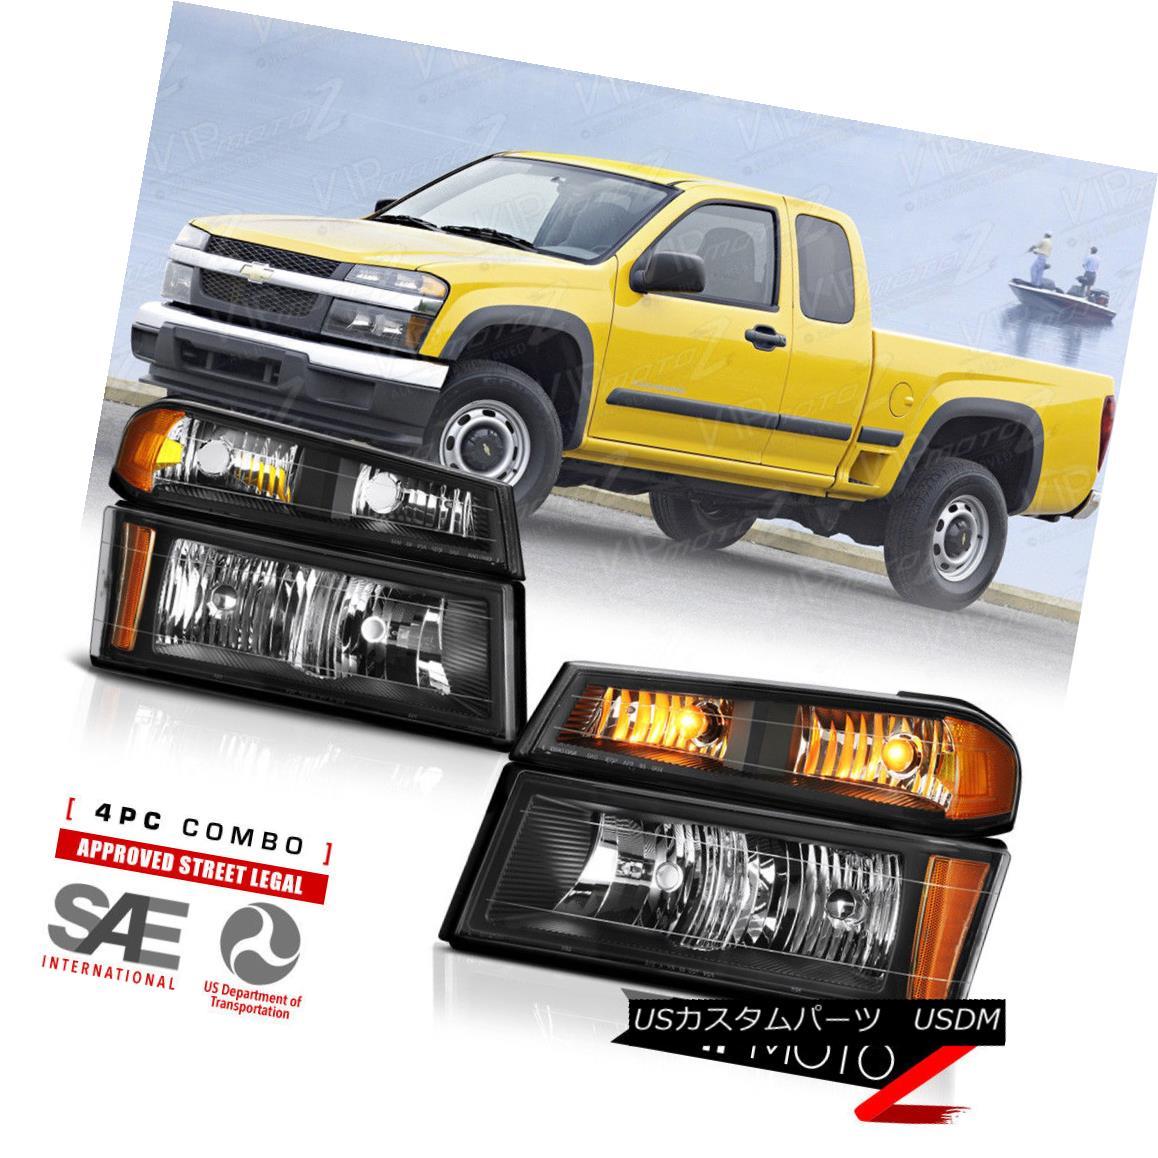 ヘッドライト 2004-2012 Chevy Colorado GMC Canyon [HARLEY BLACK] Bumper Corner Head Light Lamp 2004年?2012年シボレーコロラド州GMCキャニオン[ハーレーブラック]バンパーコーナーヘッドライトランプ